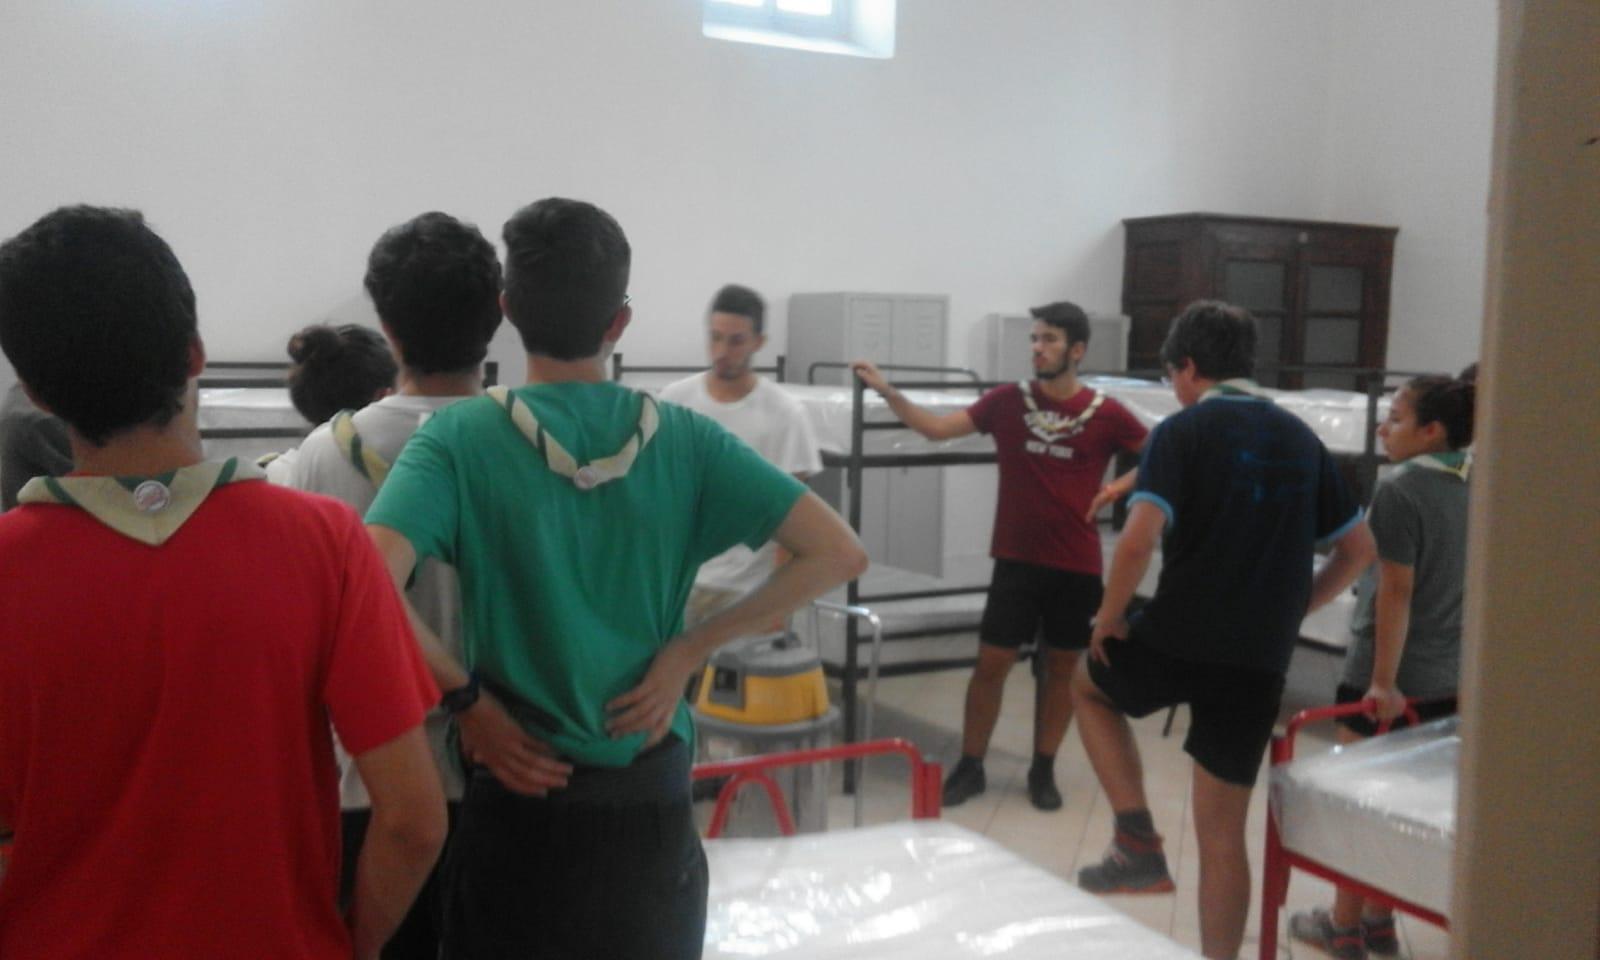 vacanze solidali saluzzo migrante 2018 casa saluzzo accoglienza diffusa